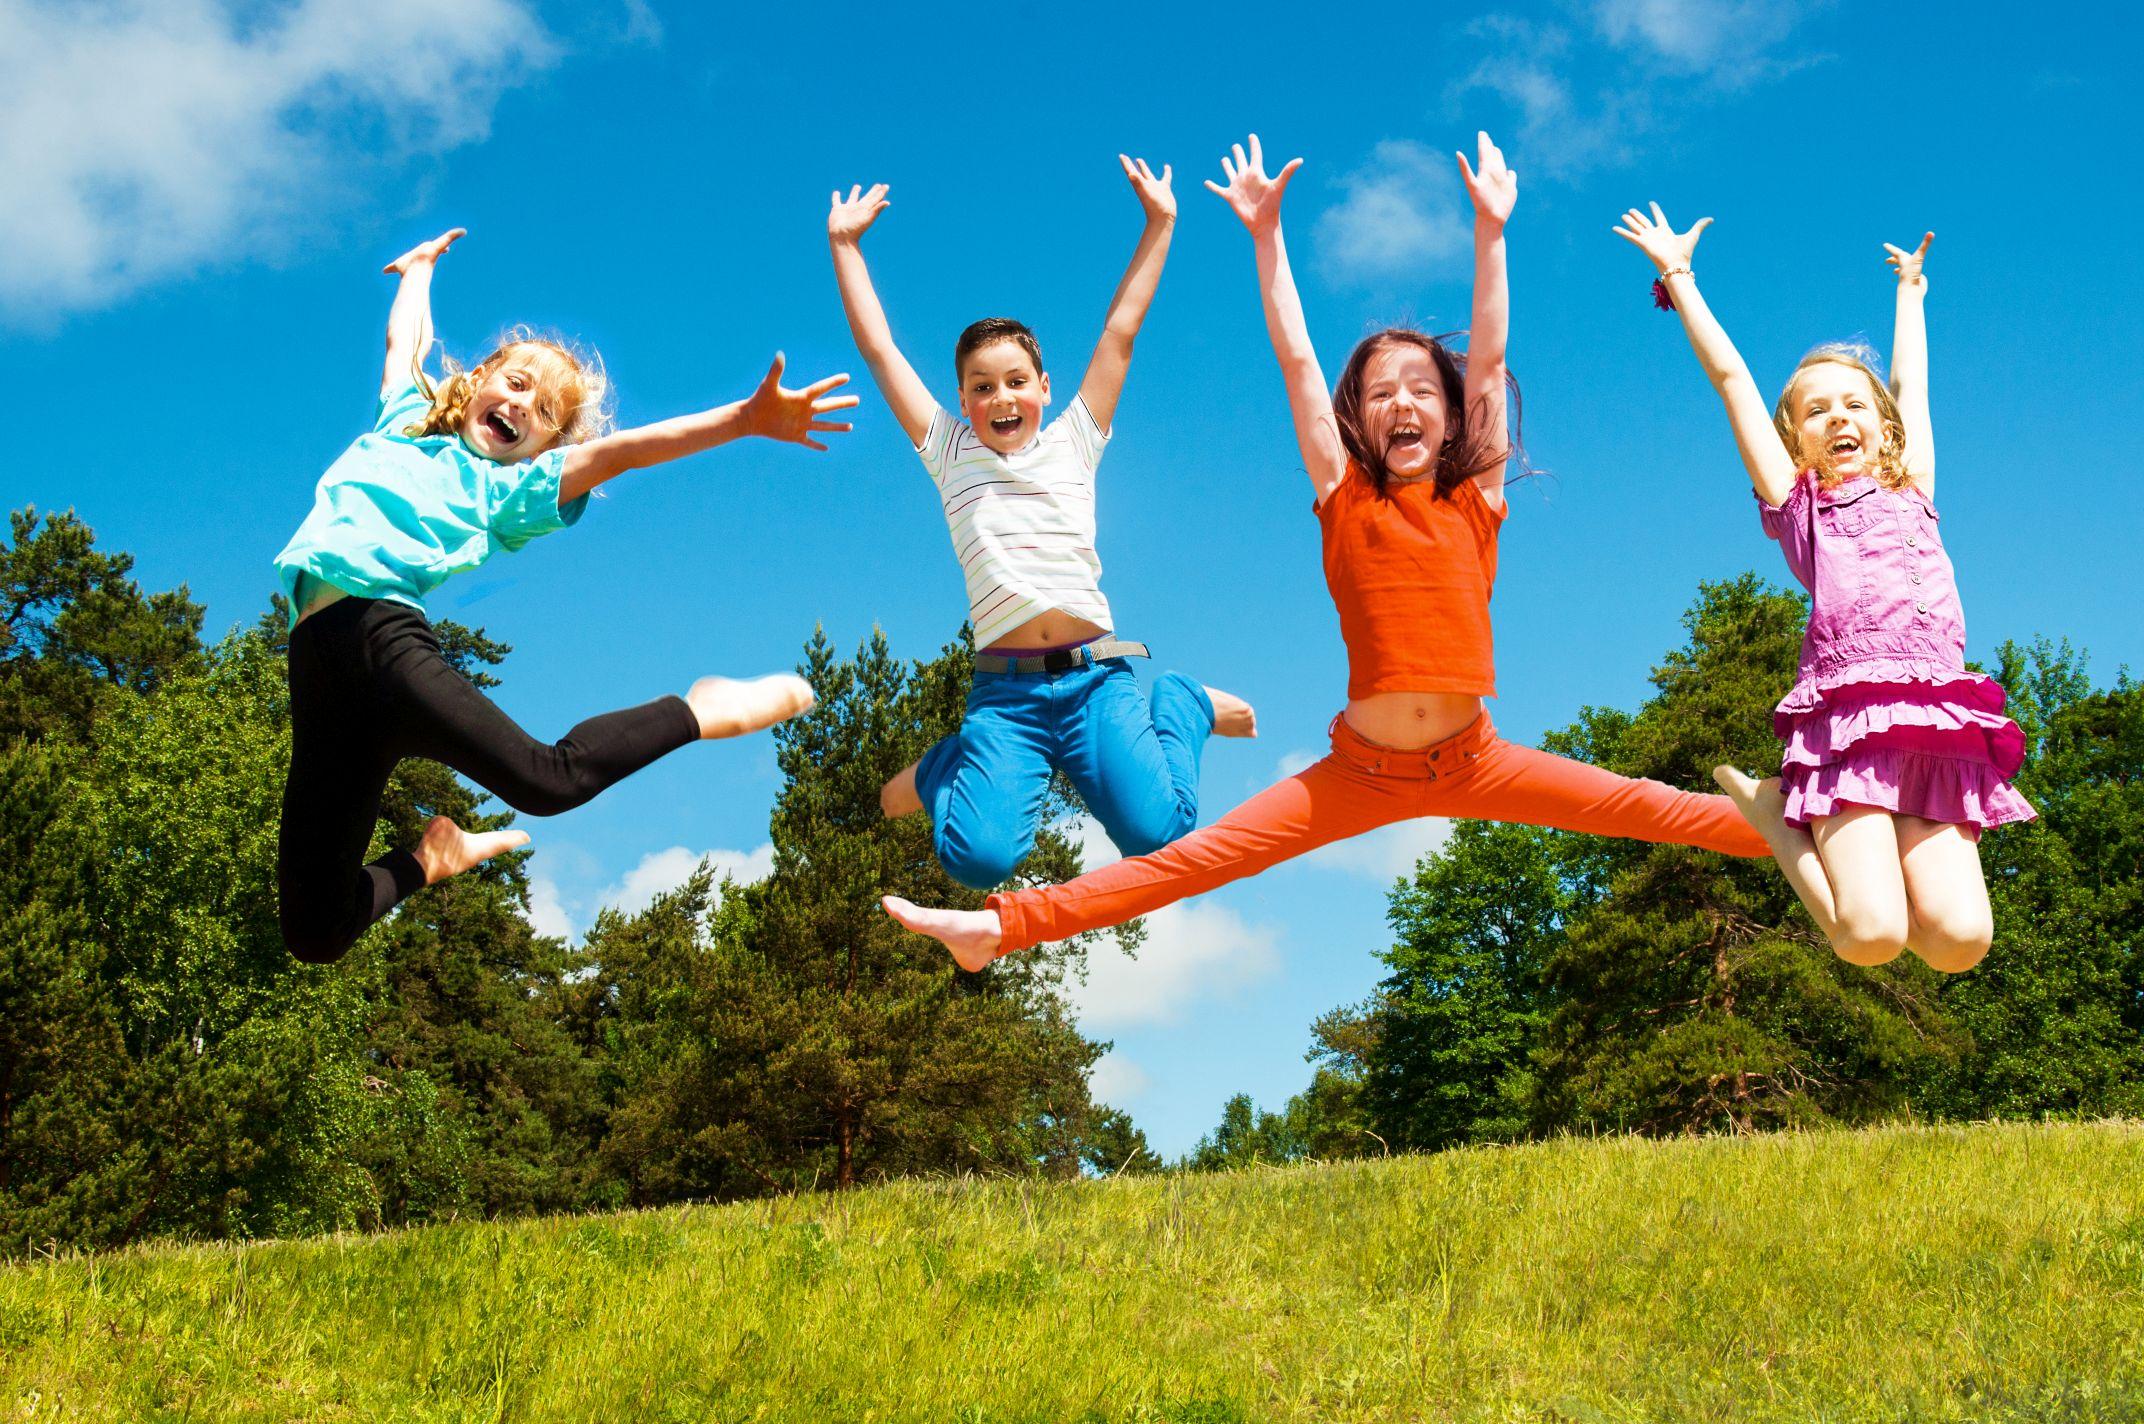 PÓŁKOLONIE JĘZYKOWE W FACE 2 FACE to mądre i aktywne wakacje Twojego dziecka!